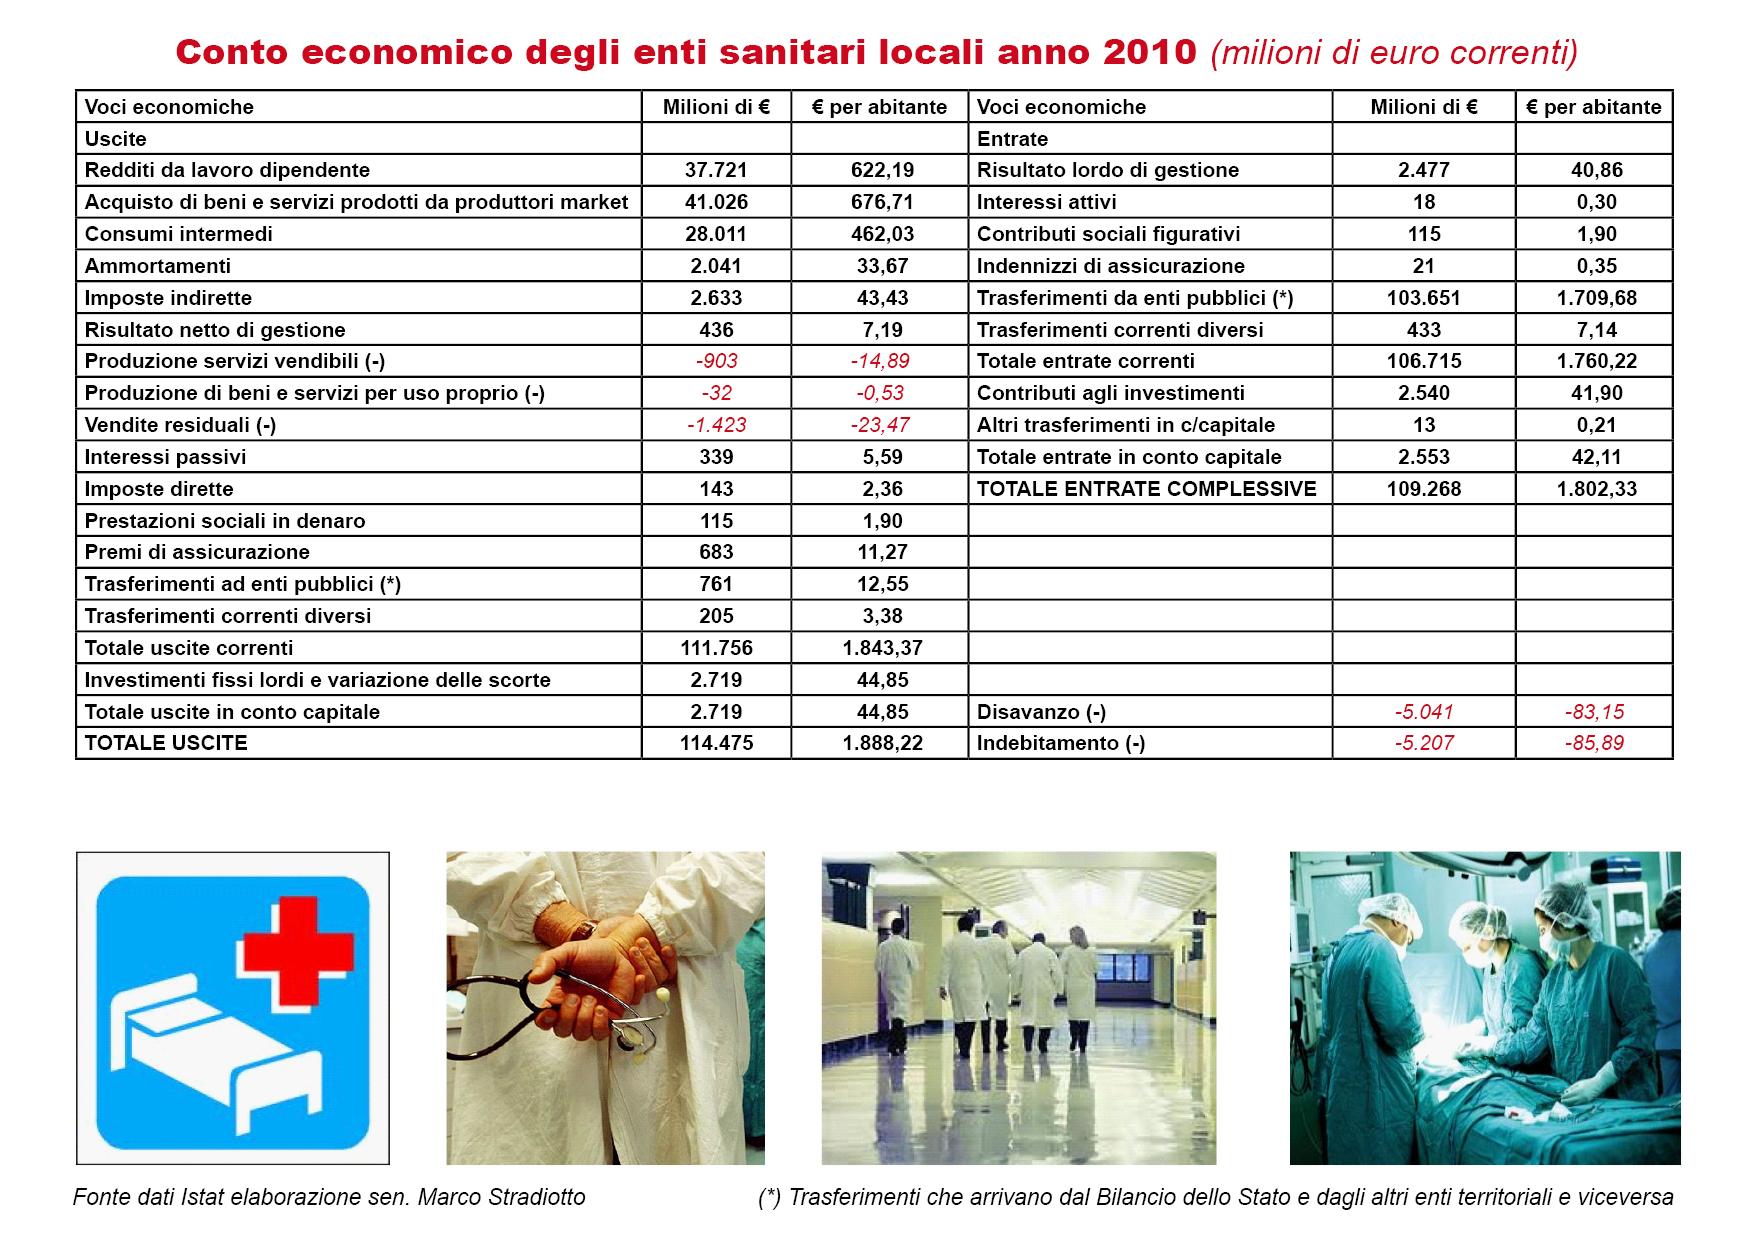 Quanto spendono gli enti sanitari locali?